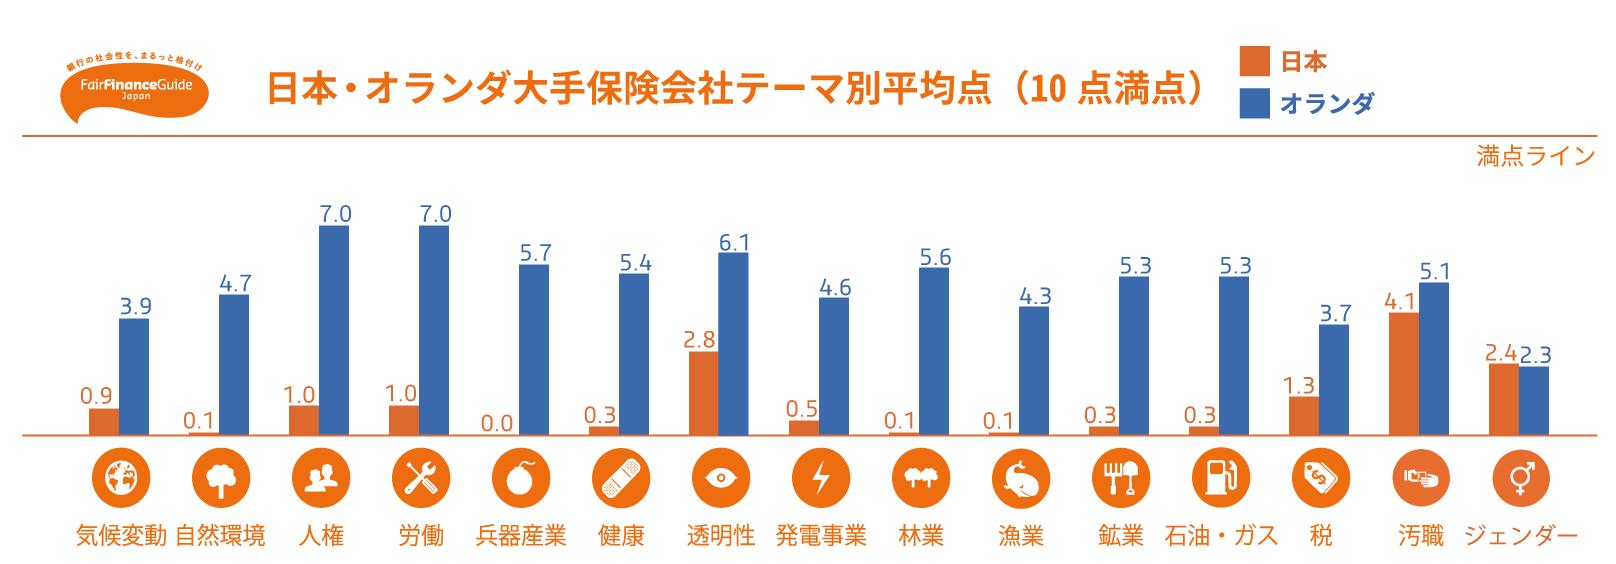 【日本】保険投融資方針の社会・環境格付「フェア・ファイナンス・ガイド」、2018年結果公表 3